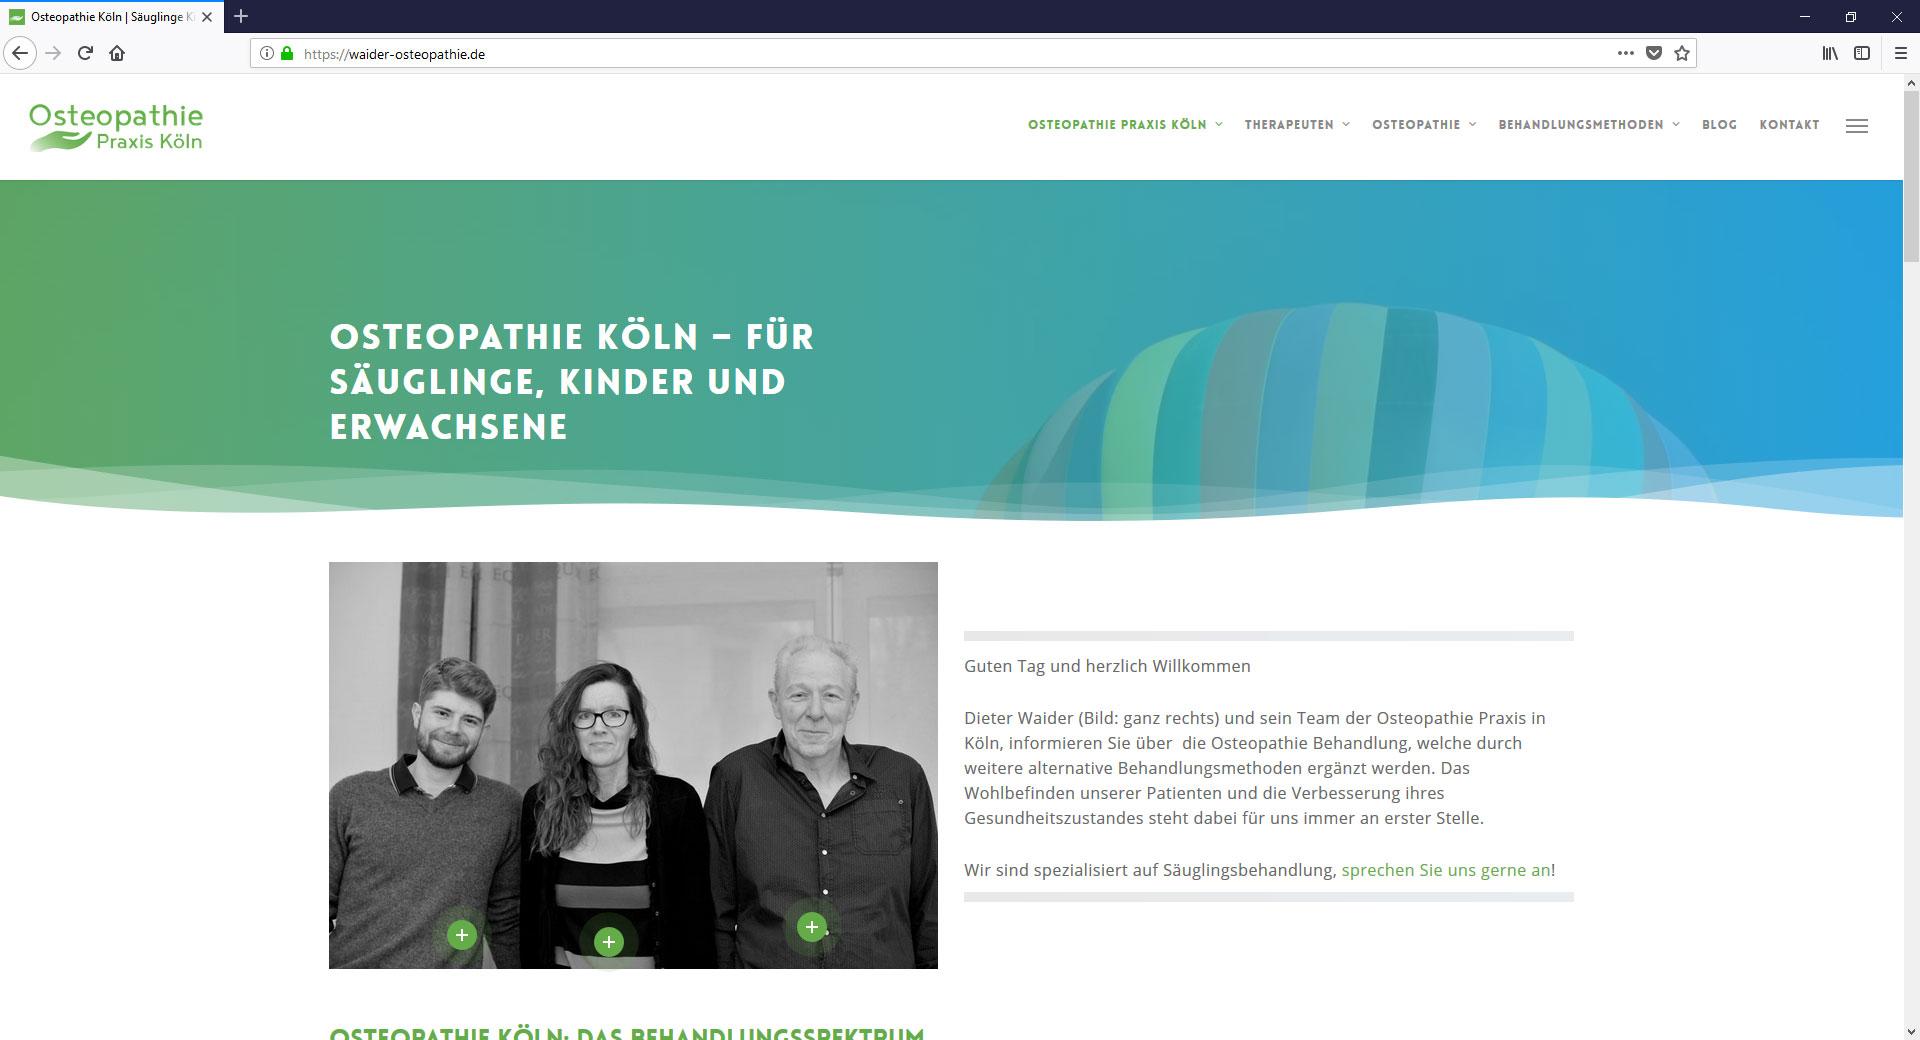 Webseite von Osteopathie Praxis in Köln und Lippstadt